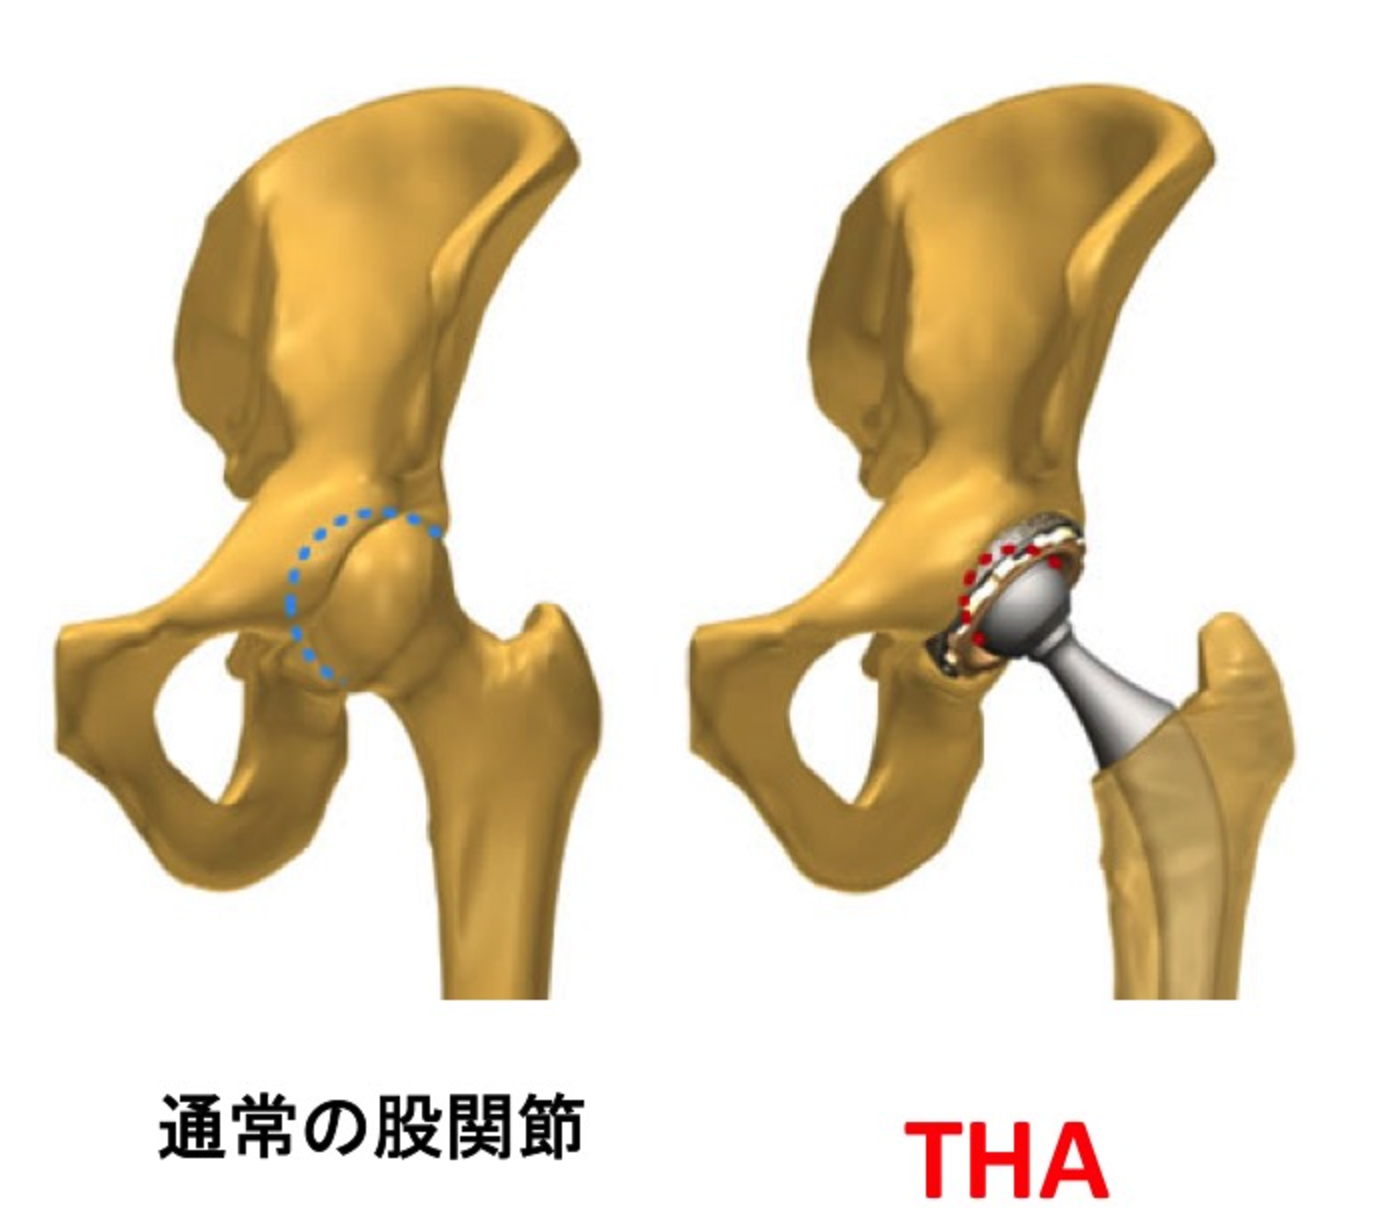 術 置換 人工 脱臼 骨頭